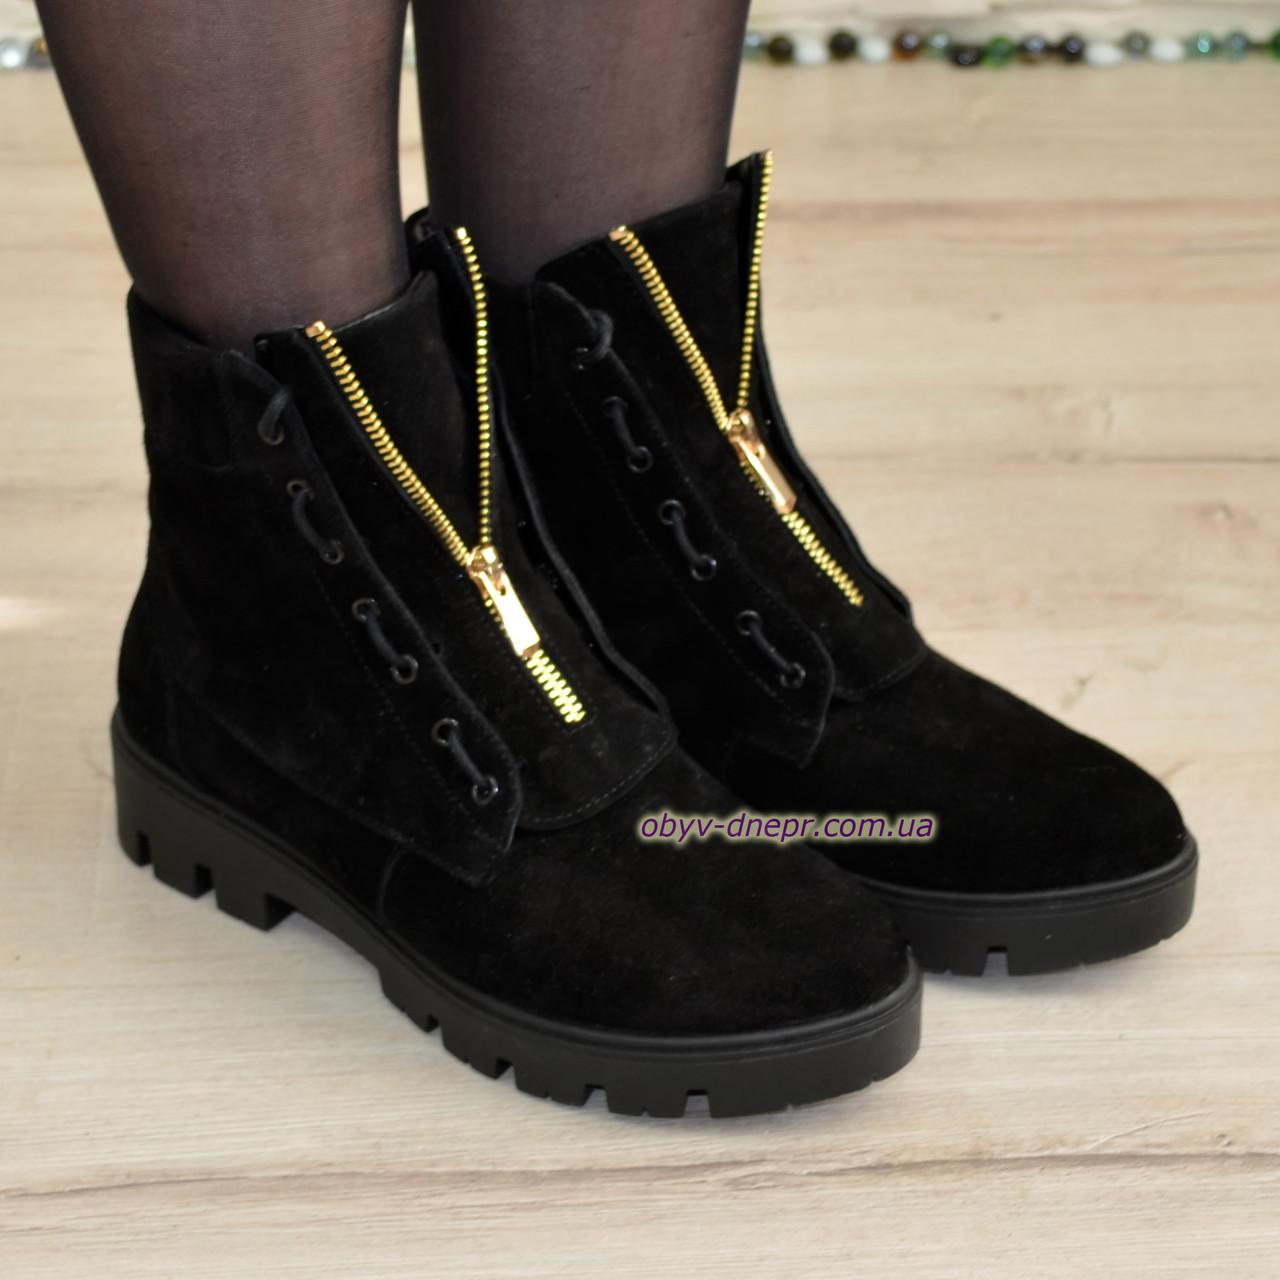 Ботинки черные женские замшевые демисезонные. 38 размер